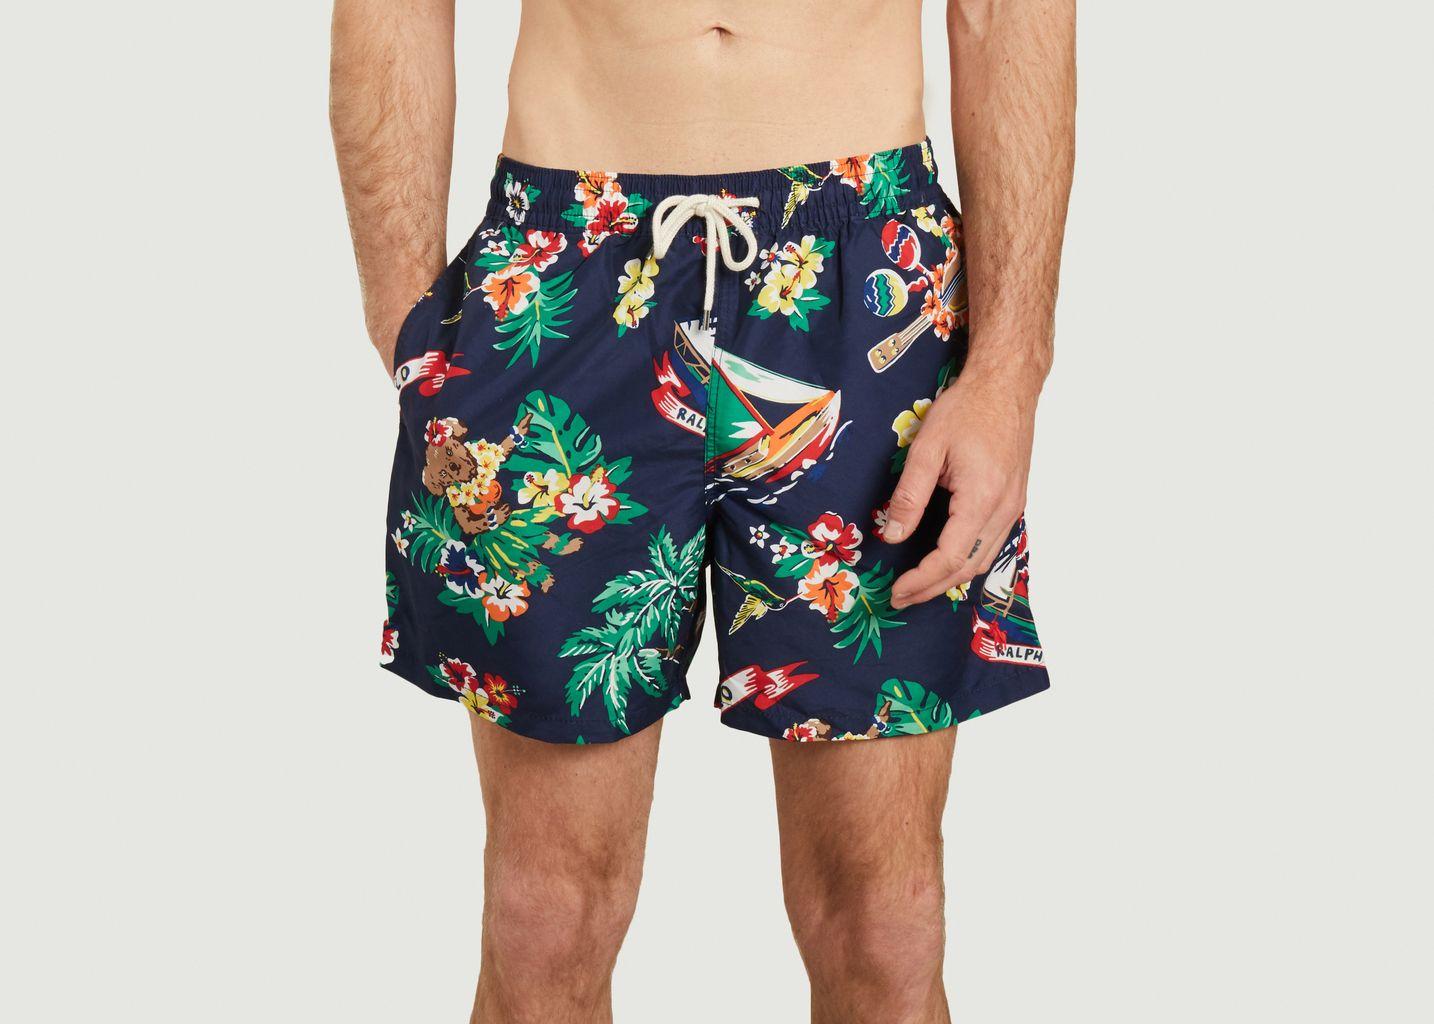 Short de bain recyclé imprimé tropical - Polo Ralph Lauren